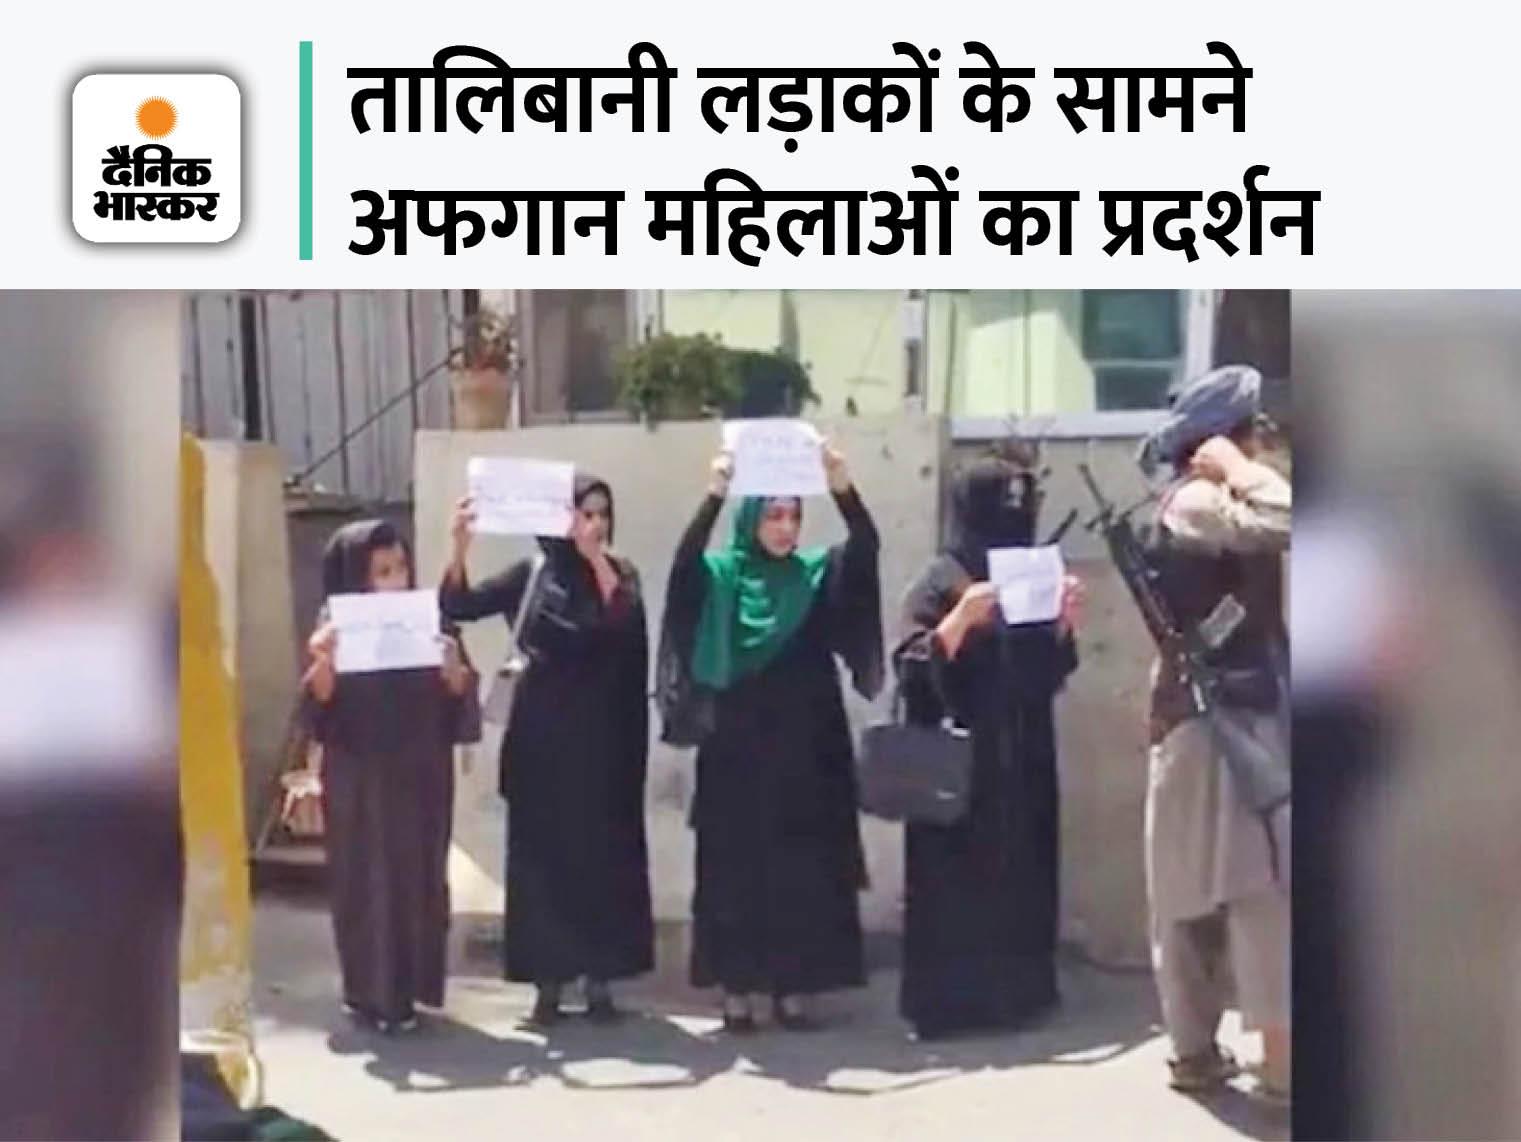 जिन तालिबानियों के आगे 3 लाख सैनिक झुक गए, वहां 5 महिलाएं डटी हुईं; कहा- हमारी आवाज दबा नहीं सकते विदेश,International - Dainik Bhaskar